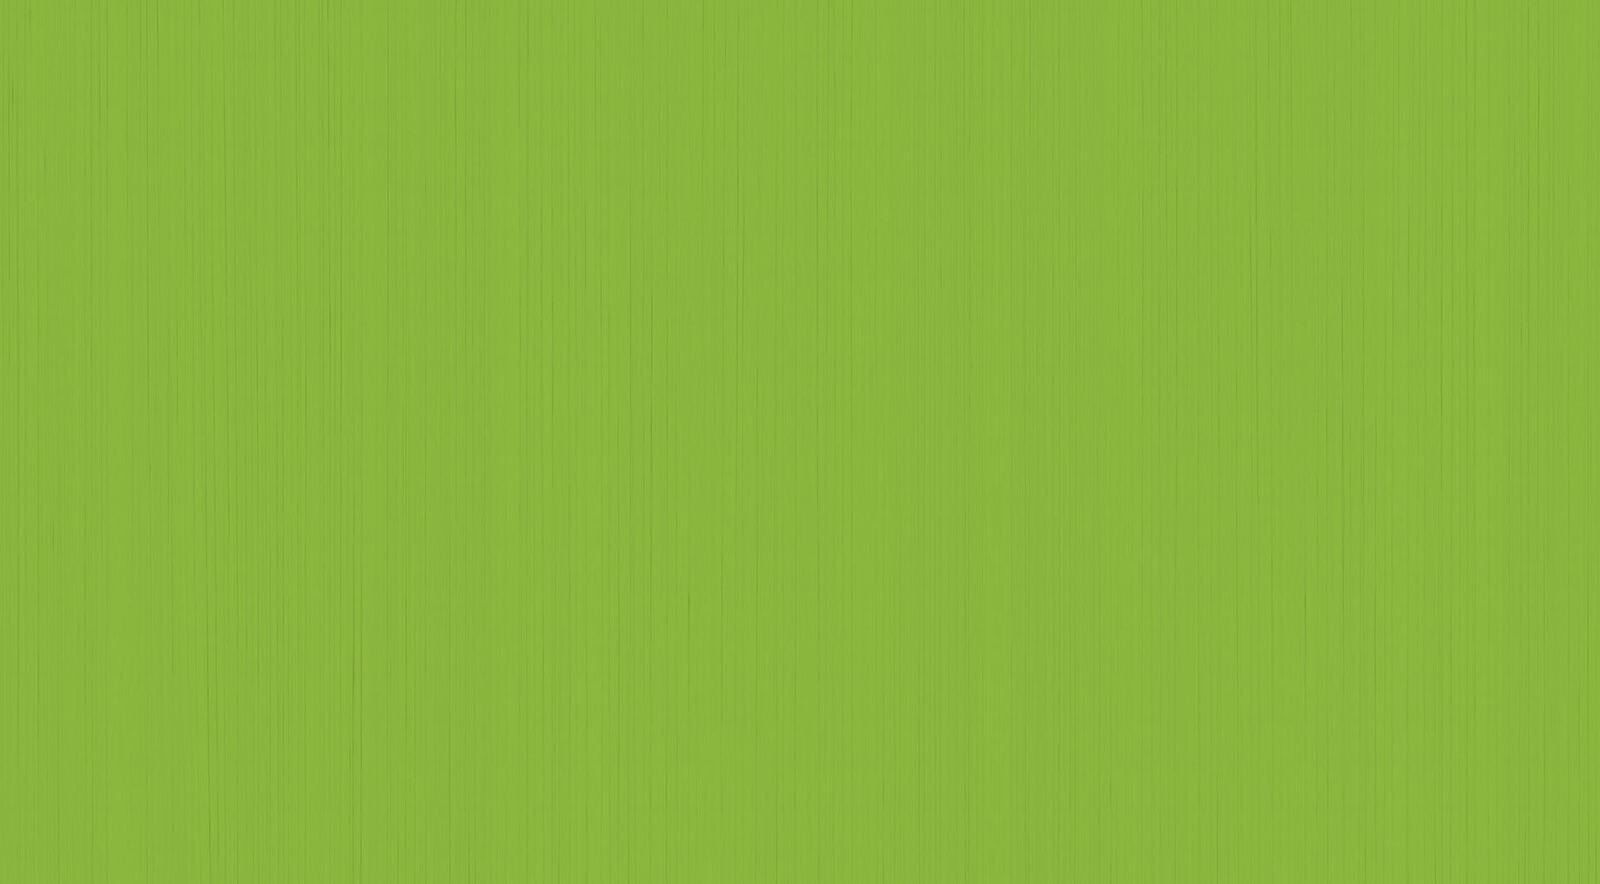 green bg